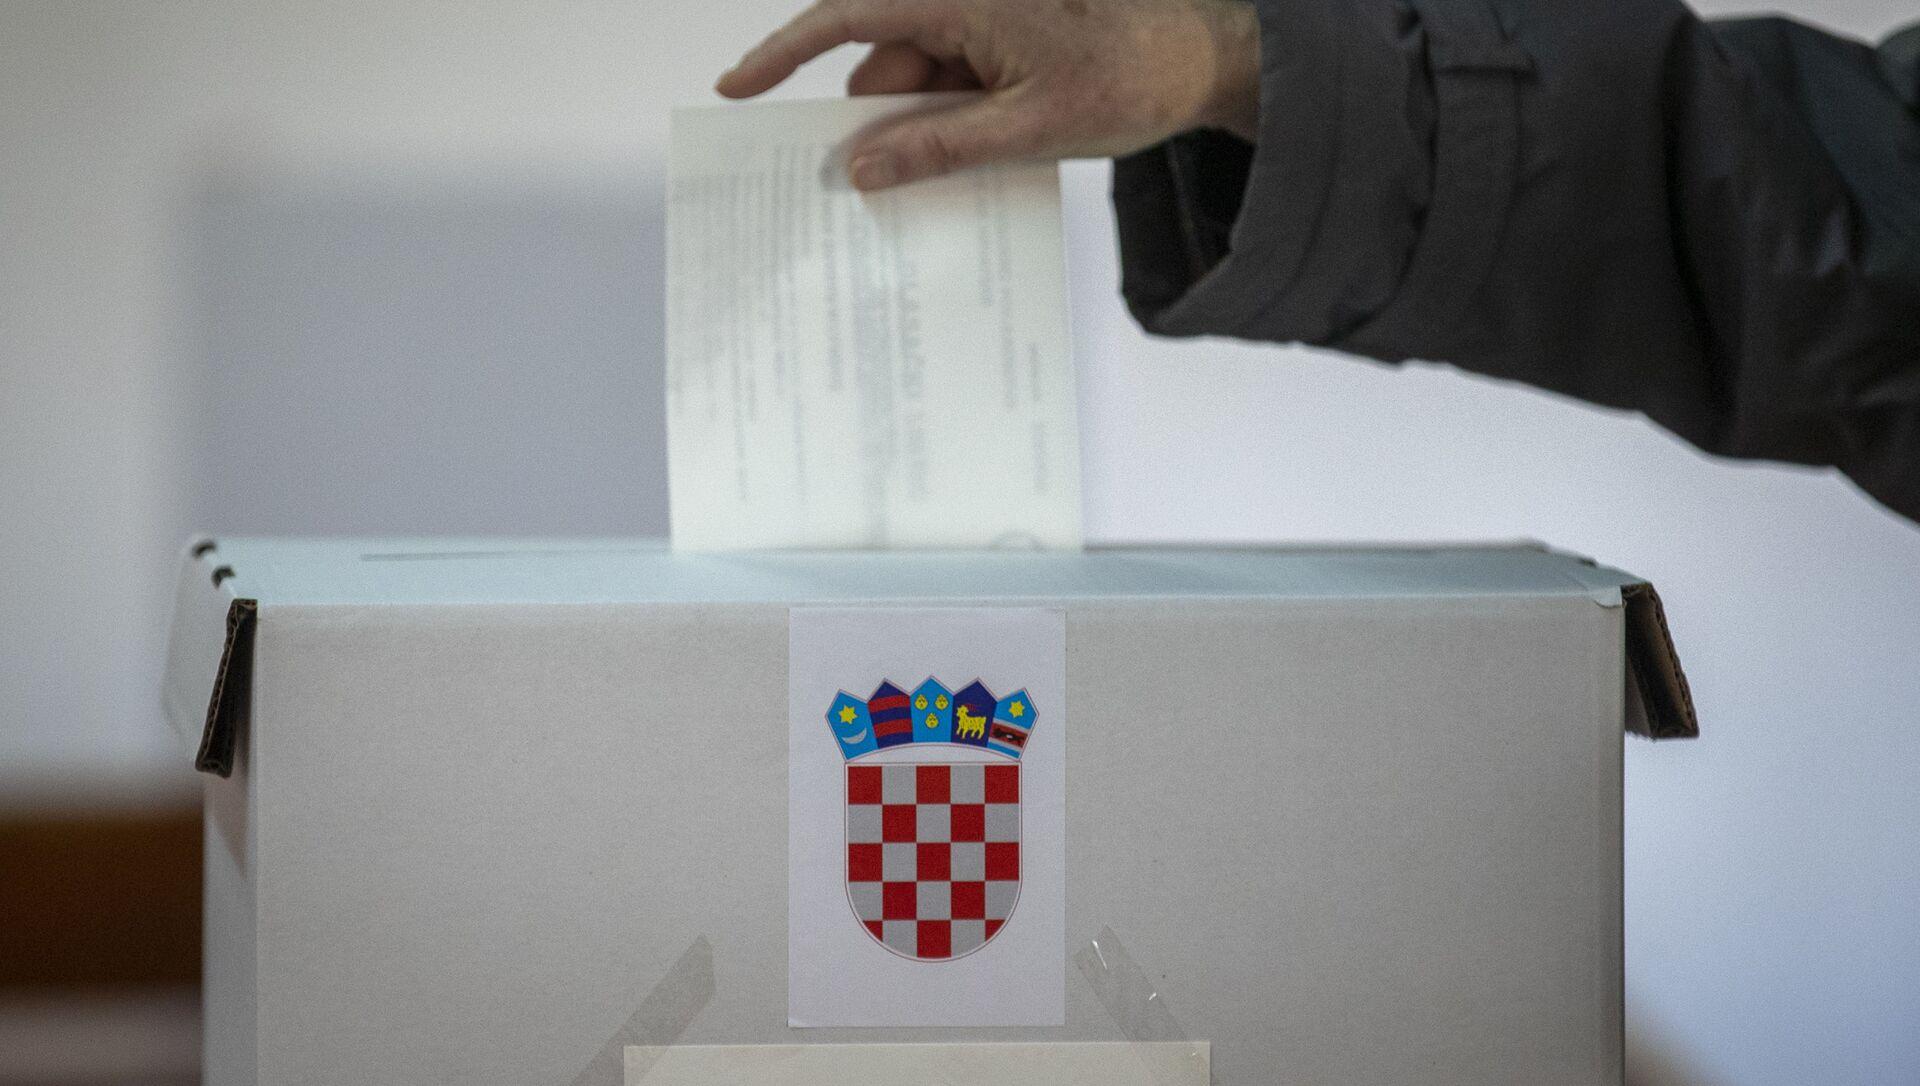 Izbori u Hrvatskoj - Sputnik Srbija, 1920, 29.05.2021